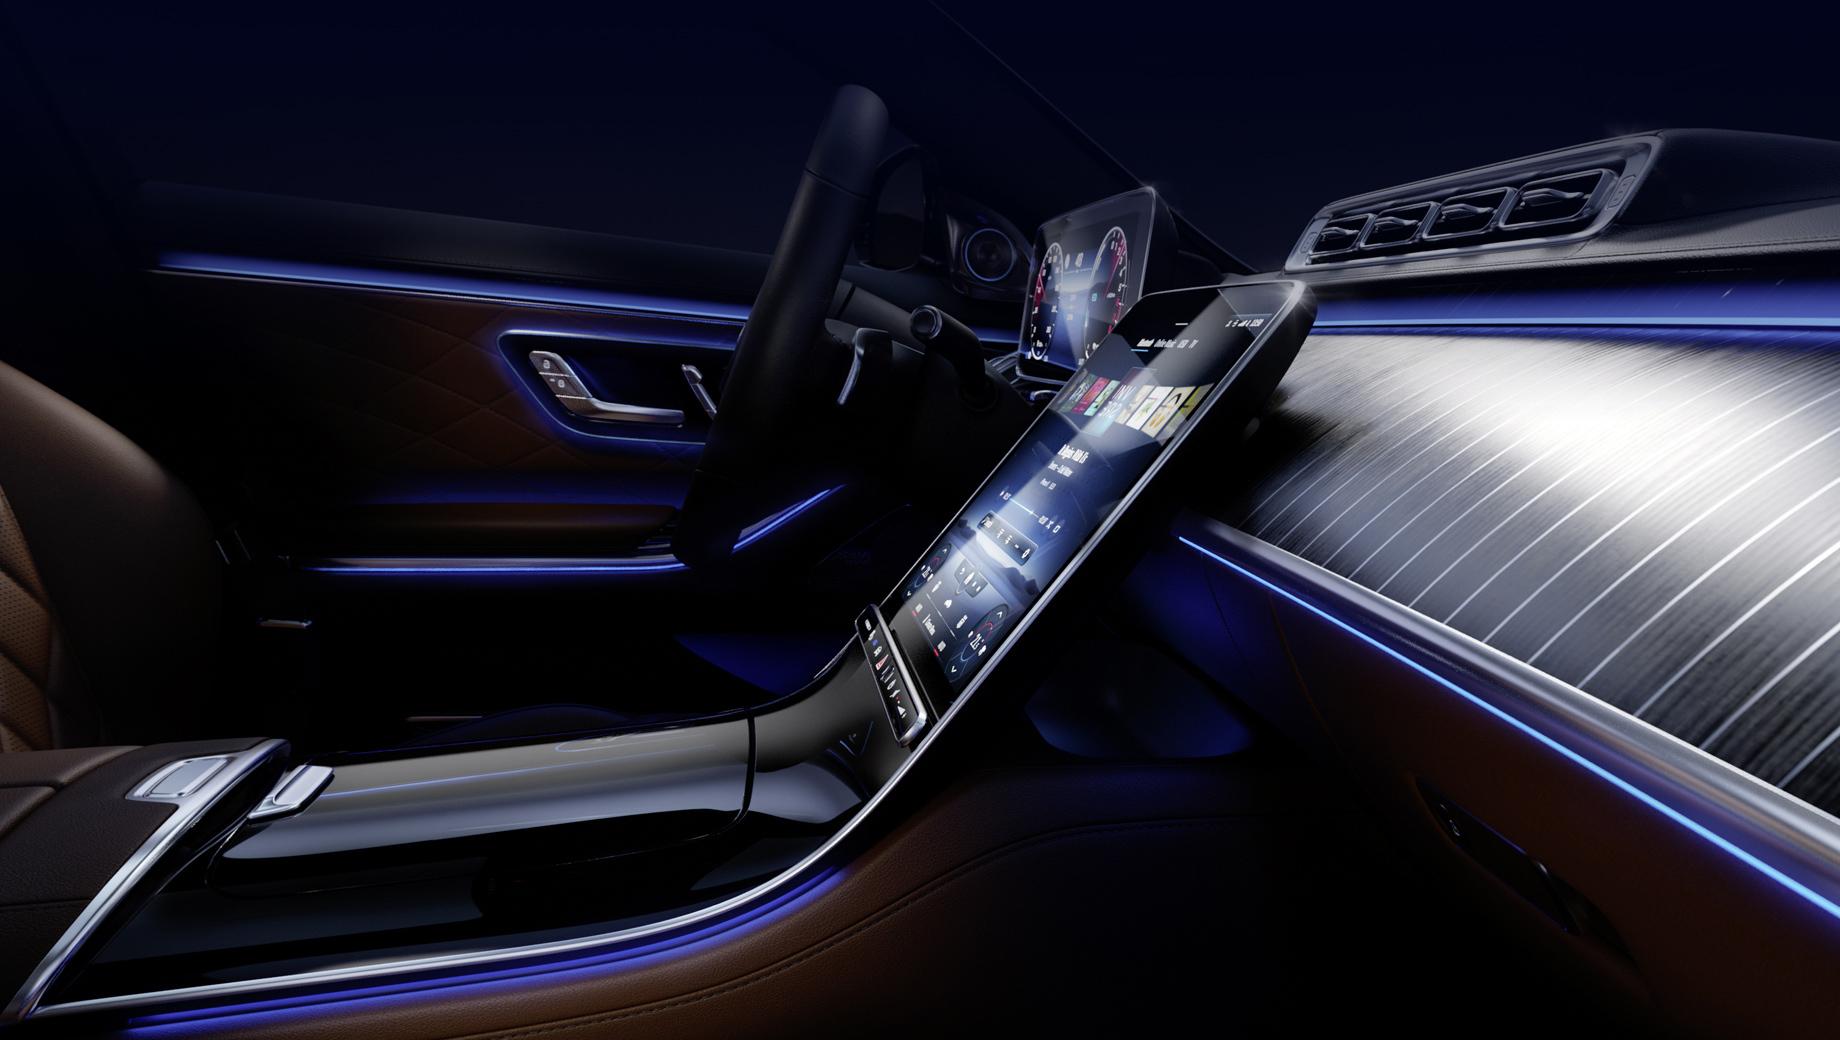 Mercedes s. Портретно-ориентированный центральный экран, кажется, видели уже все. А сама компания просит обратить внимание на огромную переднюю панель, задающую настроение гостиной. Кстати, версий отделки будет несколько.